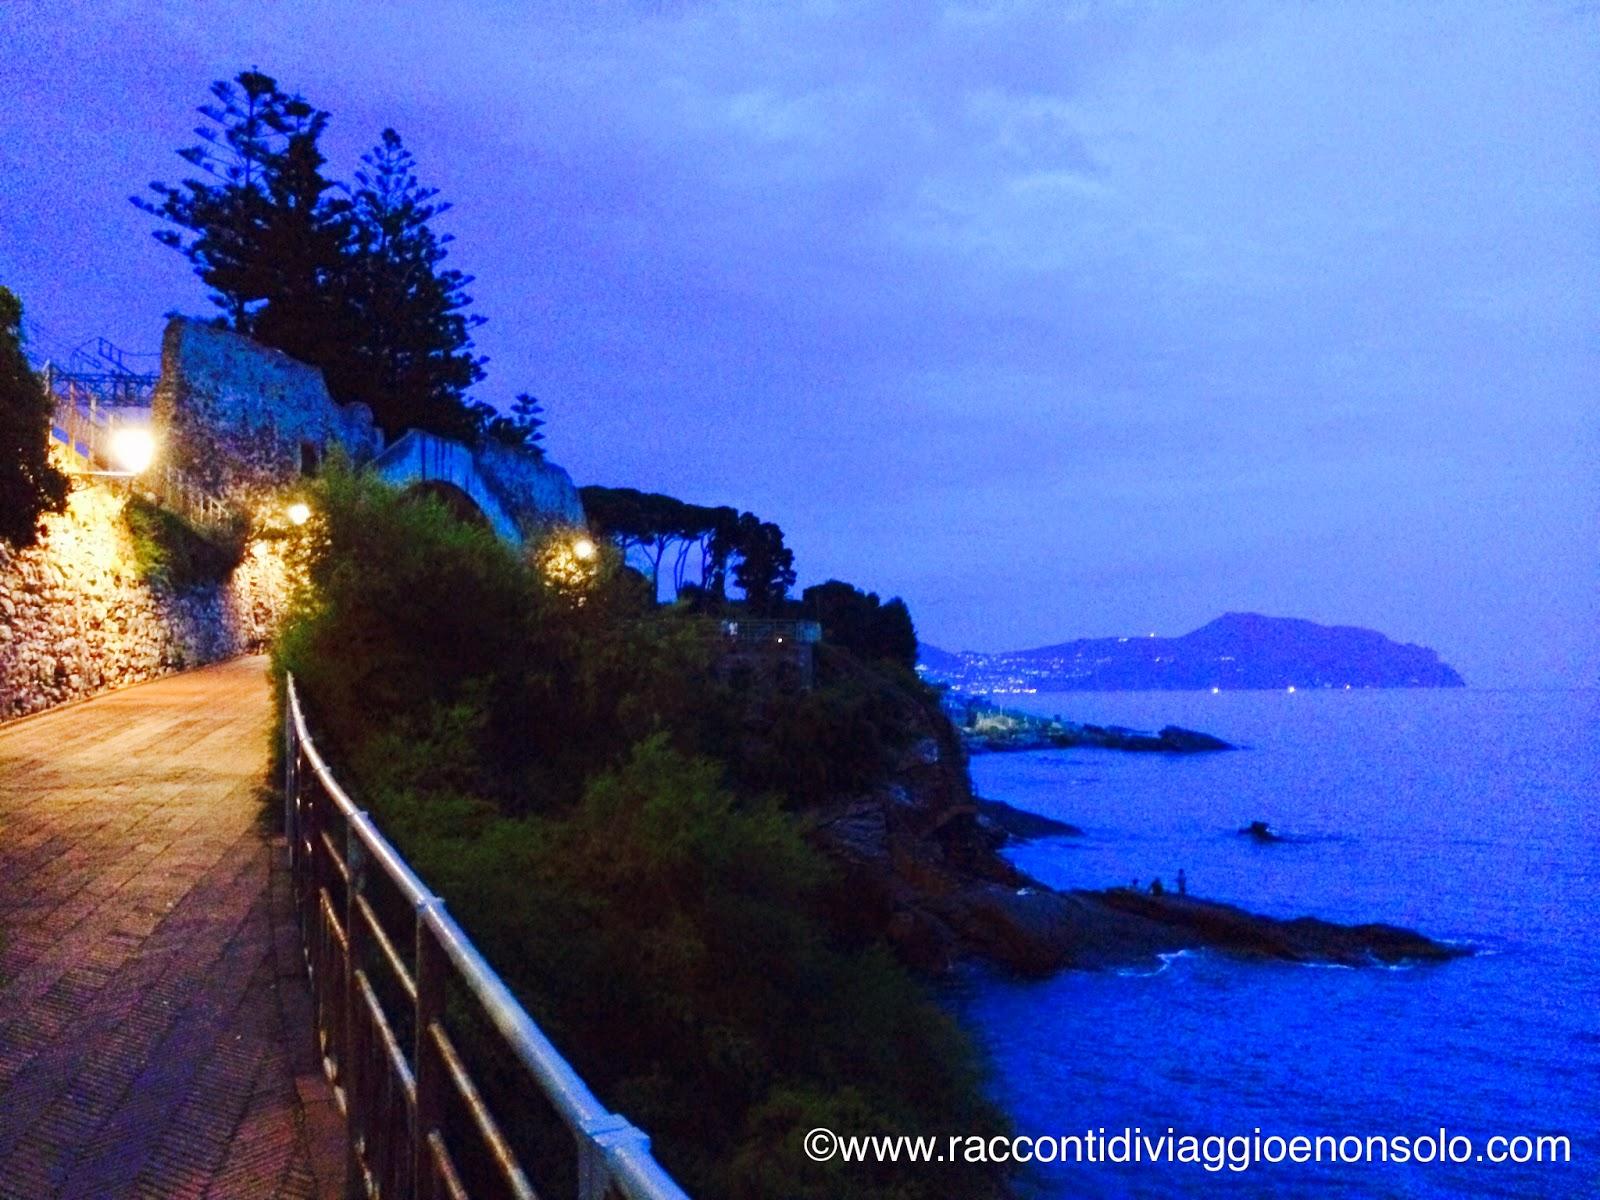 Consigli per visitare Genova